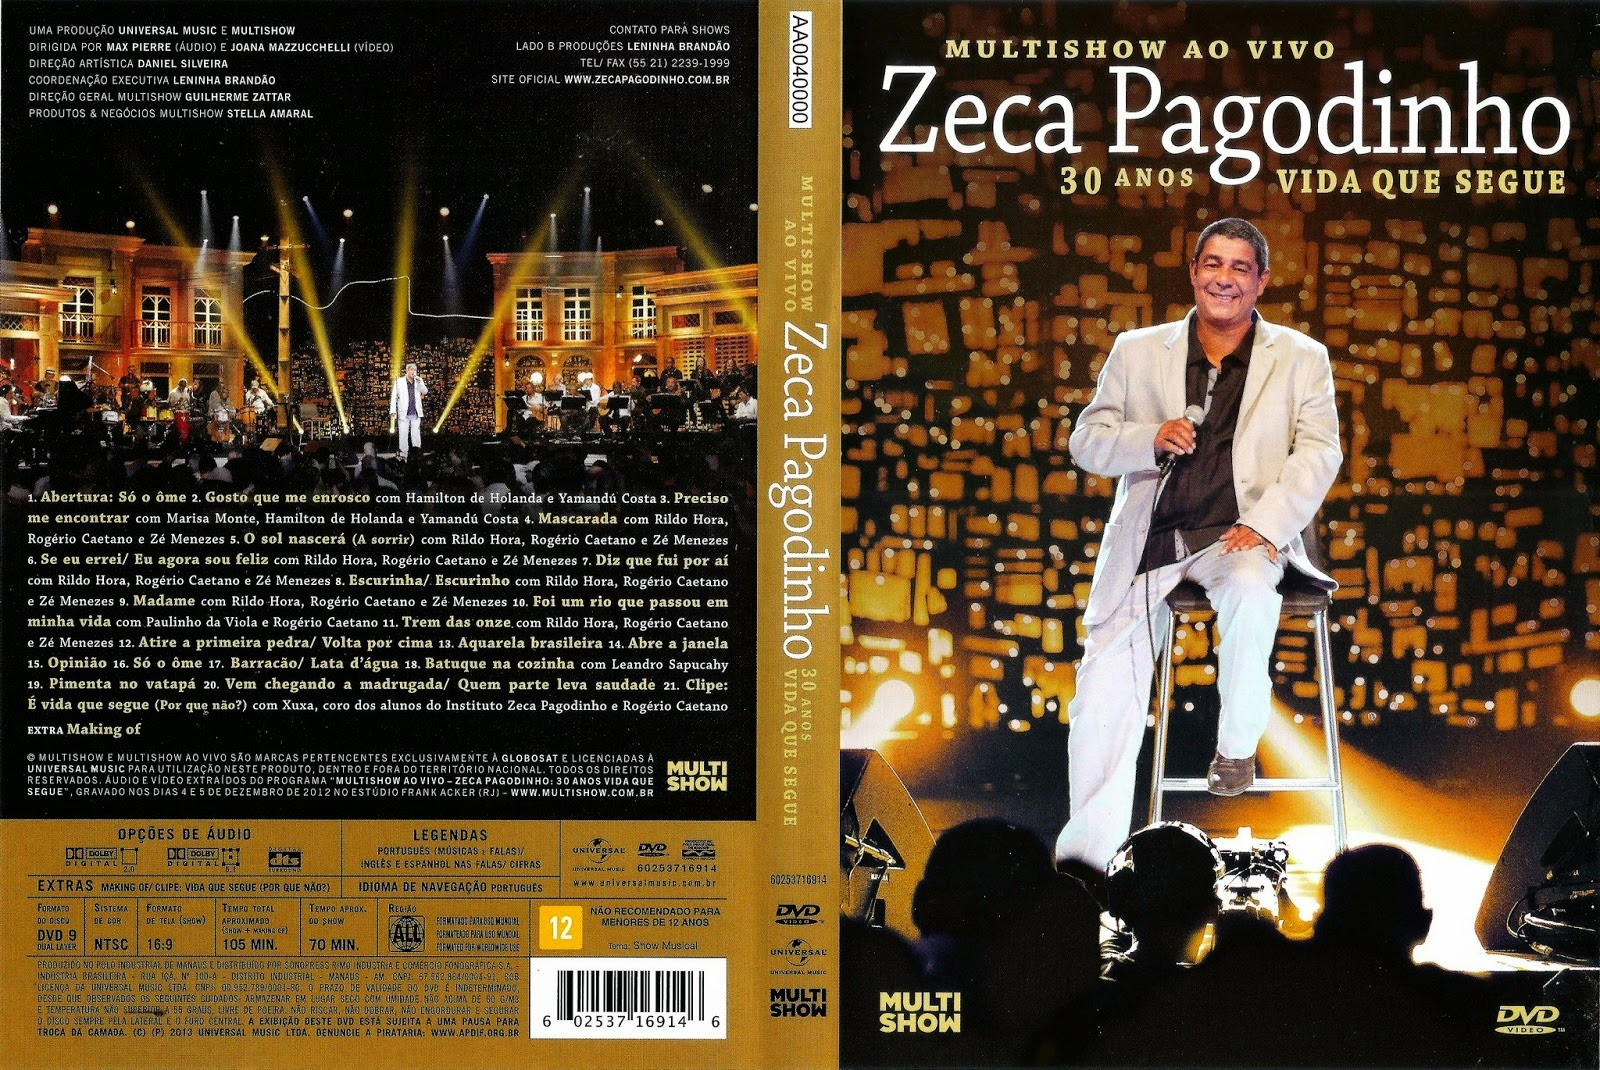 AMIGOS DVD COM VIVO OS AO ZECA BAIXAR PAGODINHO